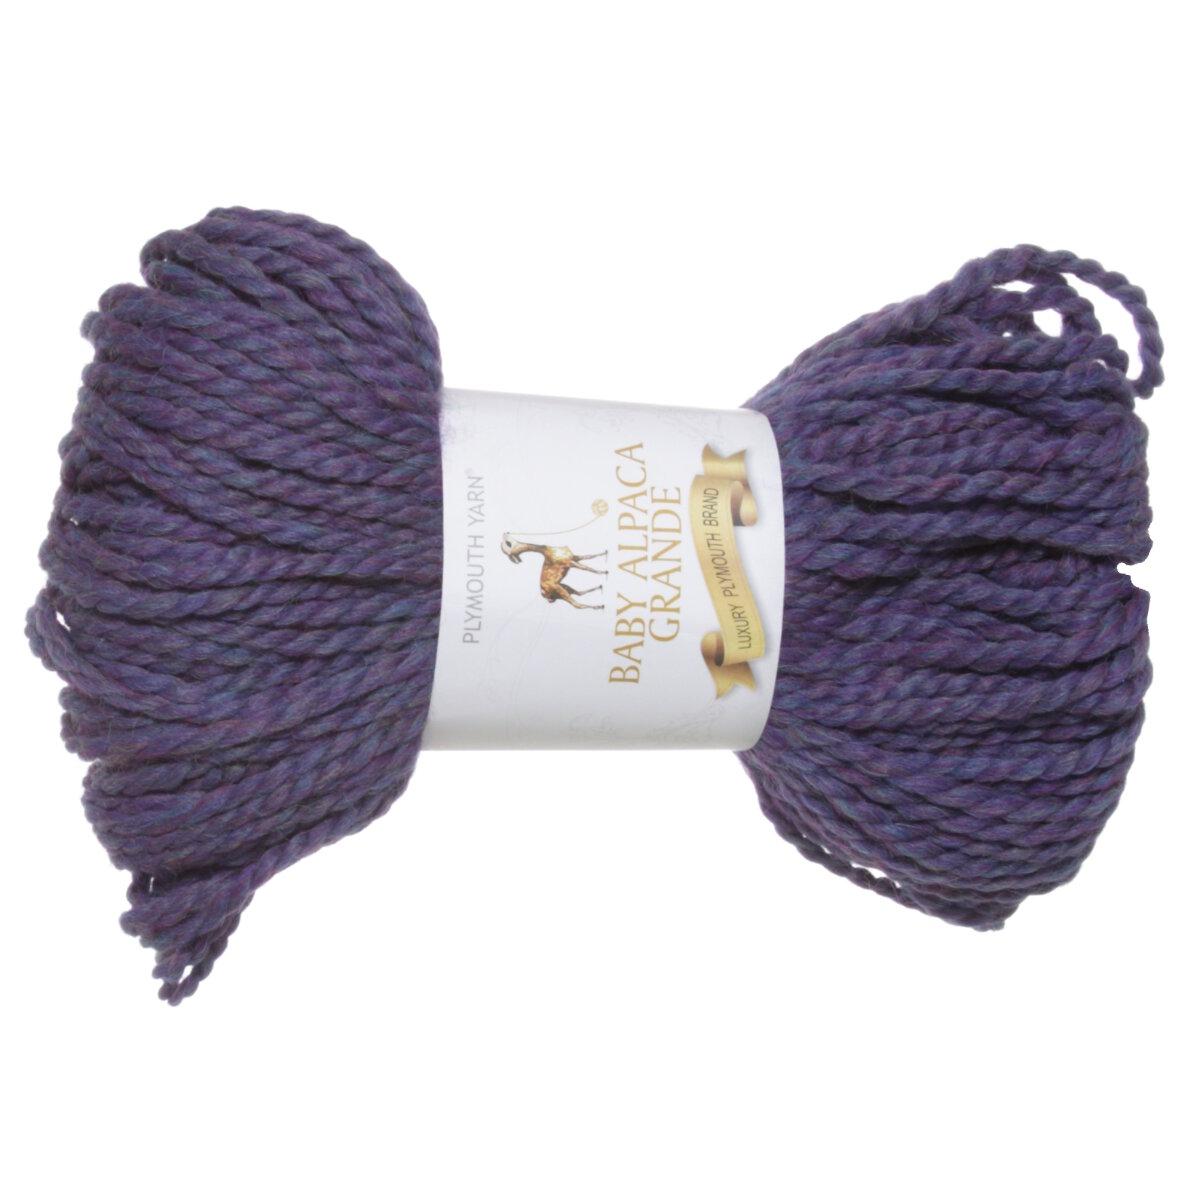 Plymouth Yarn Baby Alpaca Grande Yarn 0835 Blue Mix At